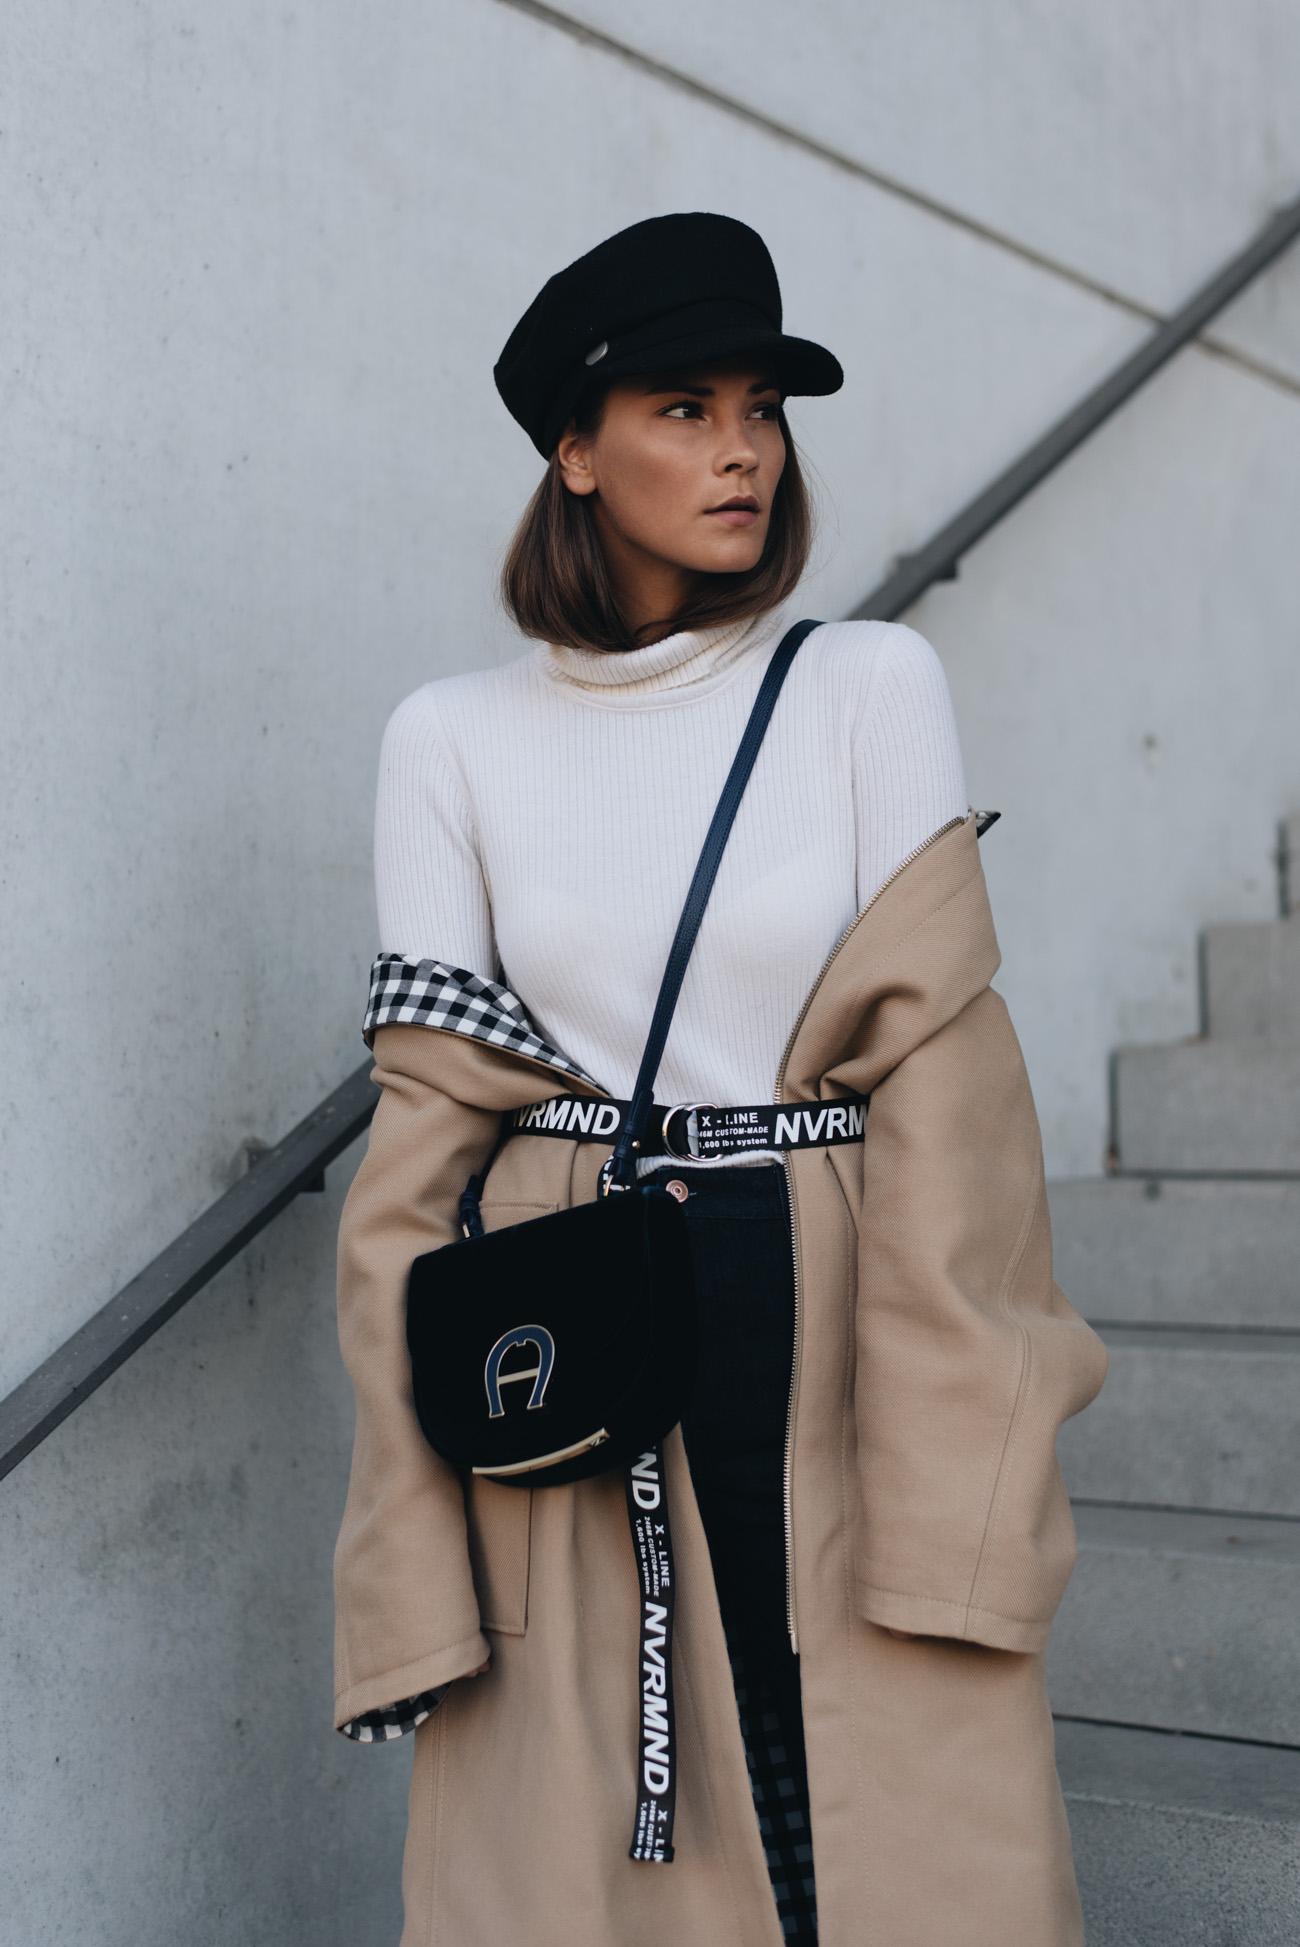 nina-schwichtenberg-baker-boy-mütze-accessoire-trends-2017-hebst-winter-fashion-bloggerin-deutschland-münchen-fashiioncarpet.jpg